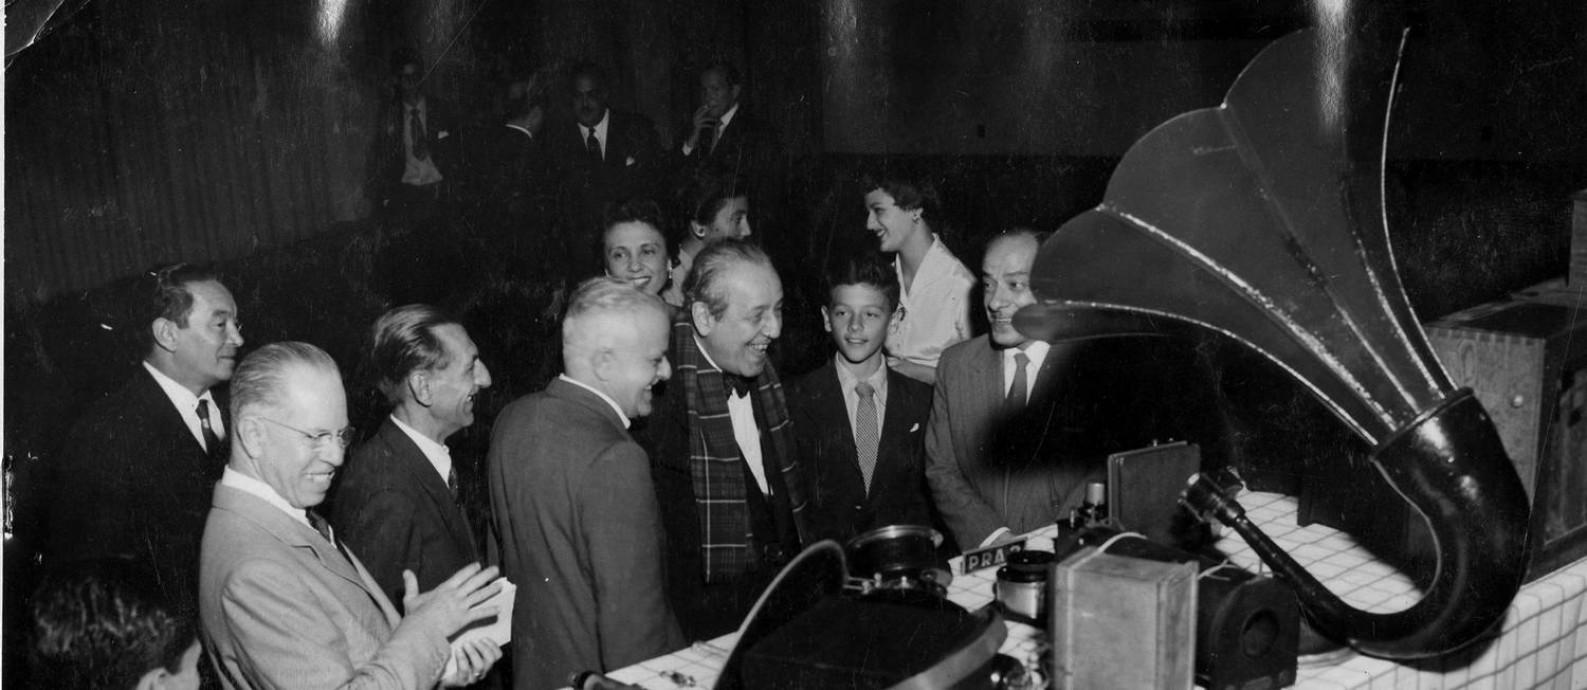 O radialista Roquette Pinto (centro), em 1953, durante solenidade na Associação Brasileira de Televisão comemorativa pelo 30º aniversário da implantação do rádio no Brasil Foto: Arquivo / Agência O Globo